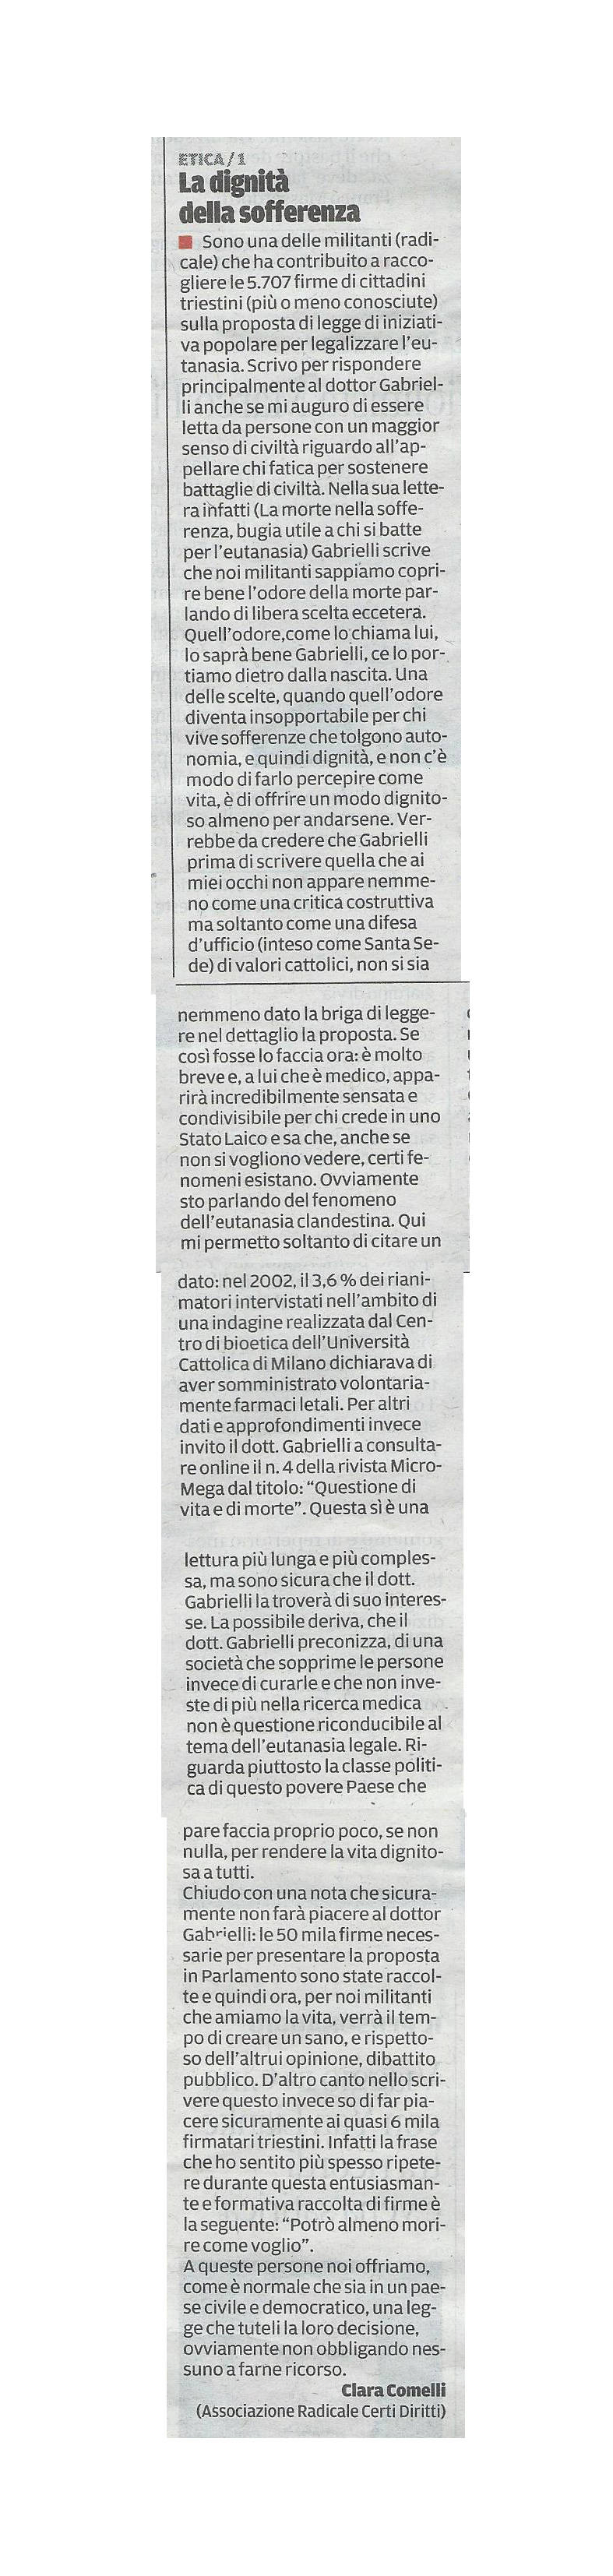 2013-09-12 Il Piccolo pagina 34 Intervento Comelli